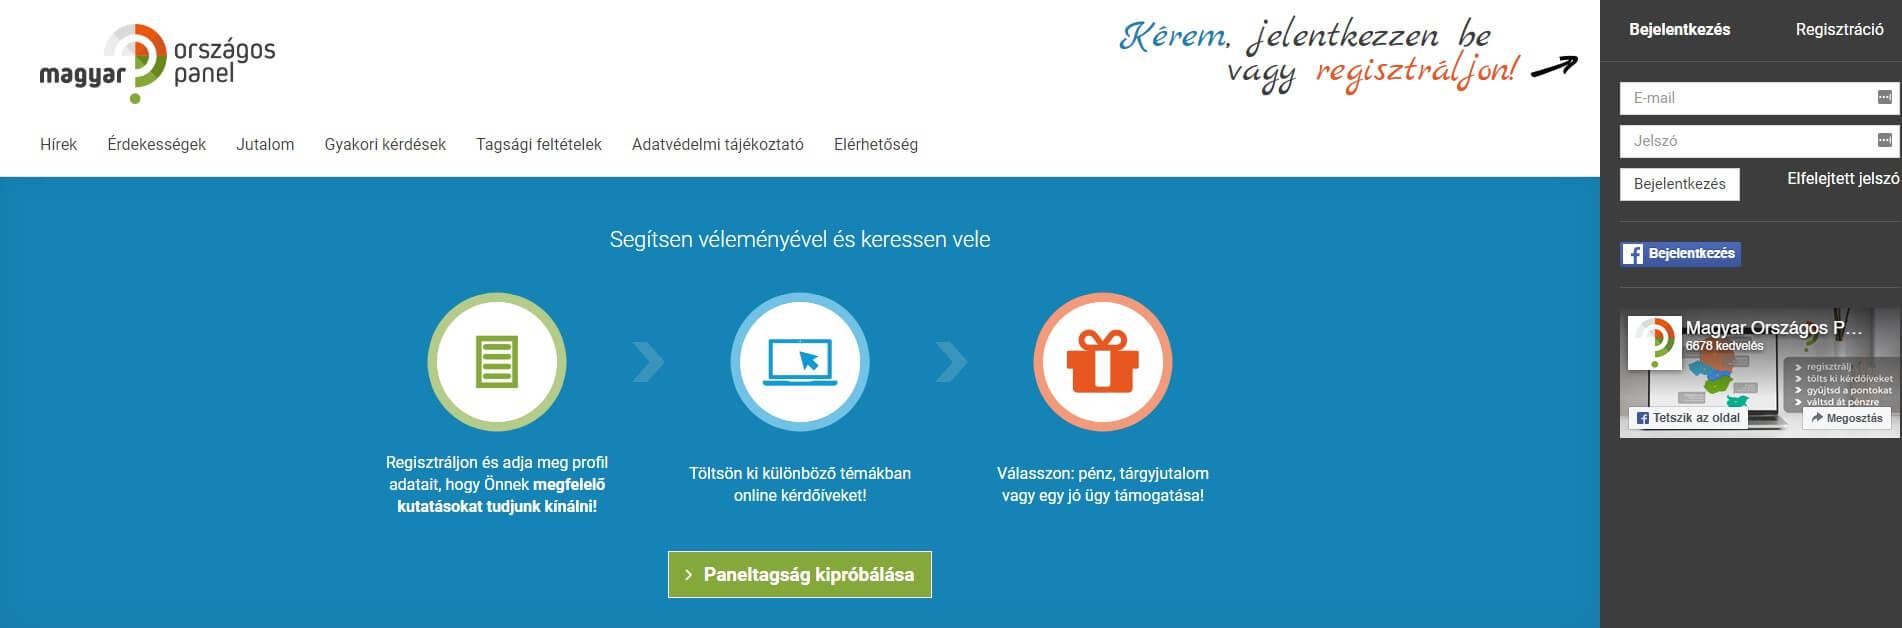 weboldal minősítése online kereset opciók bónuszokkal